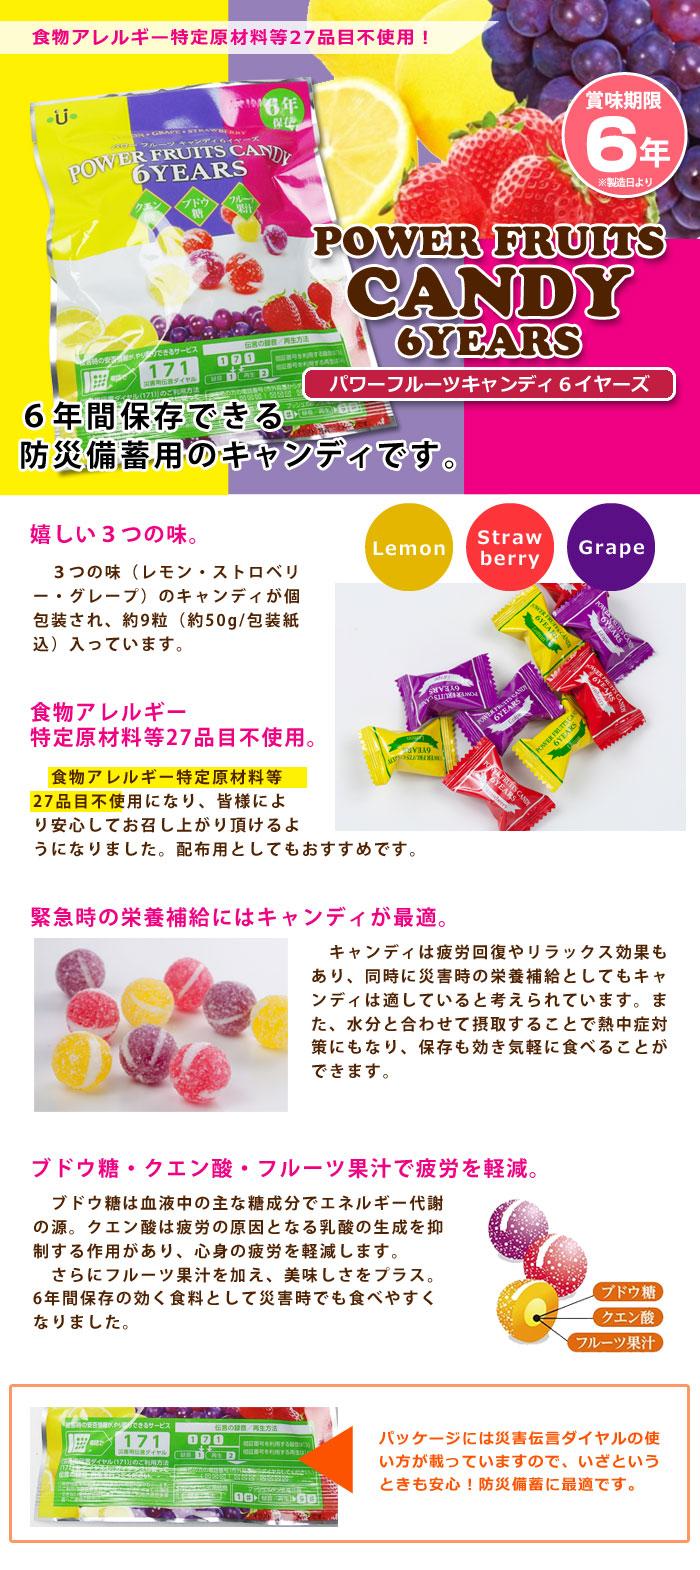 パワーフルーツキャンディ(6年保存/非常食/飴/キャンディー)